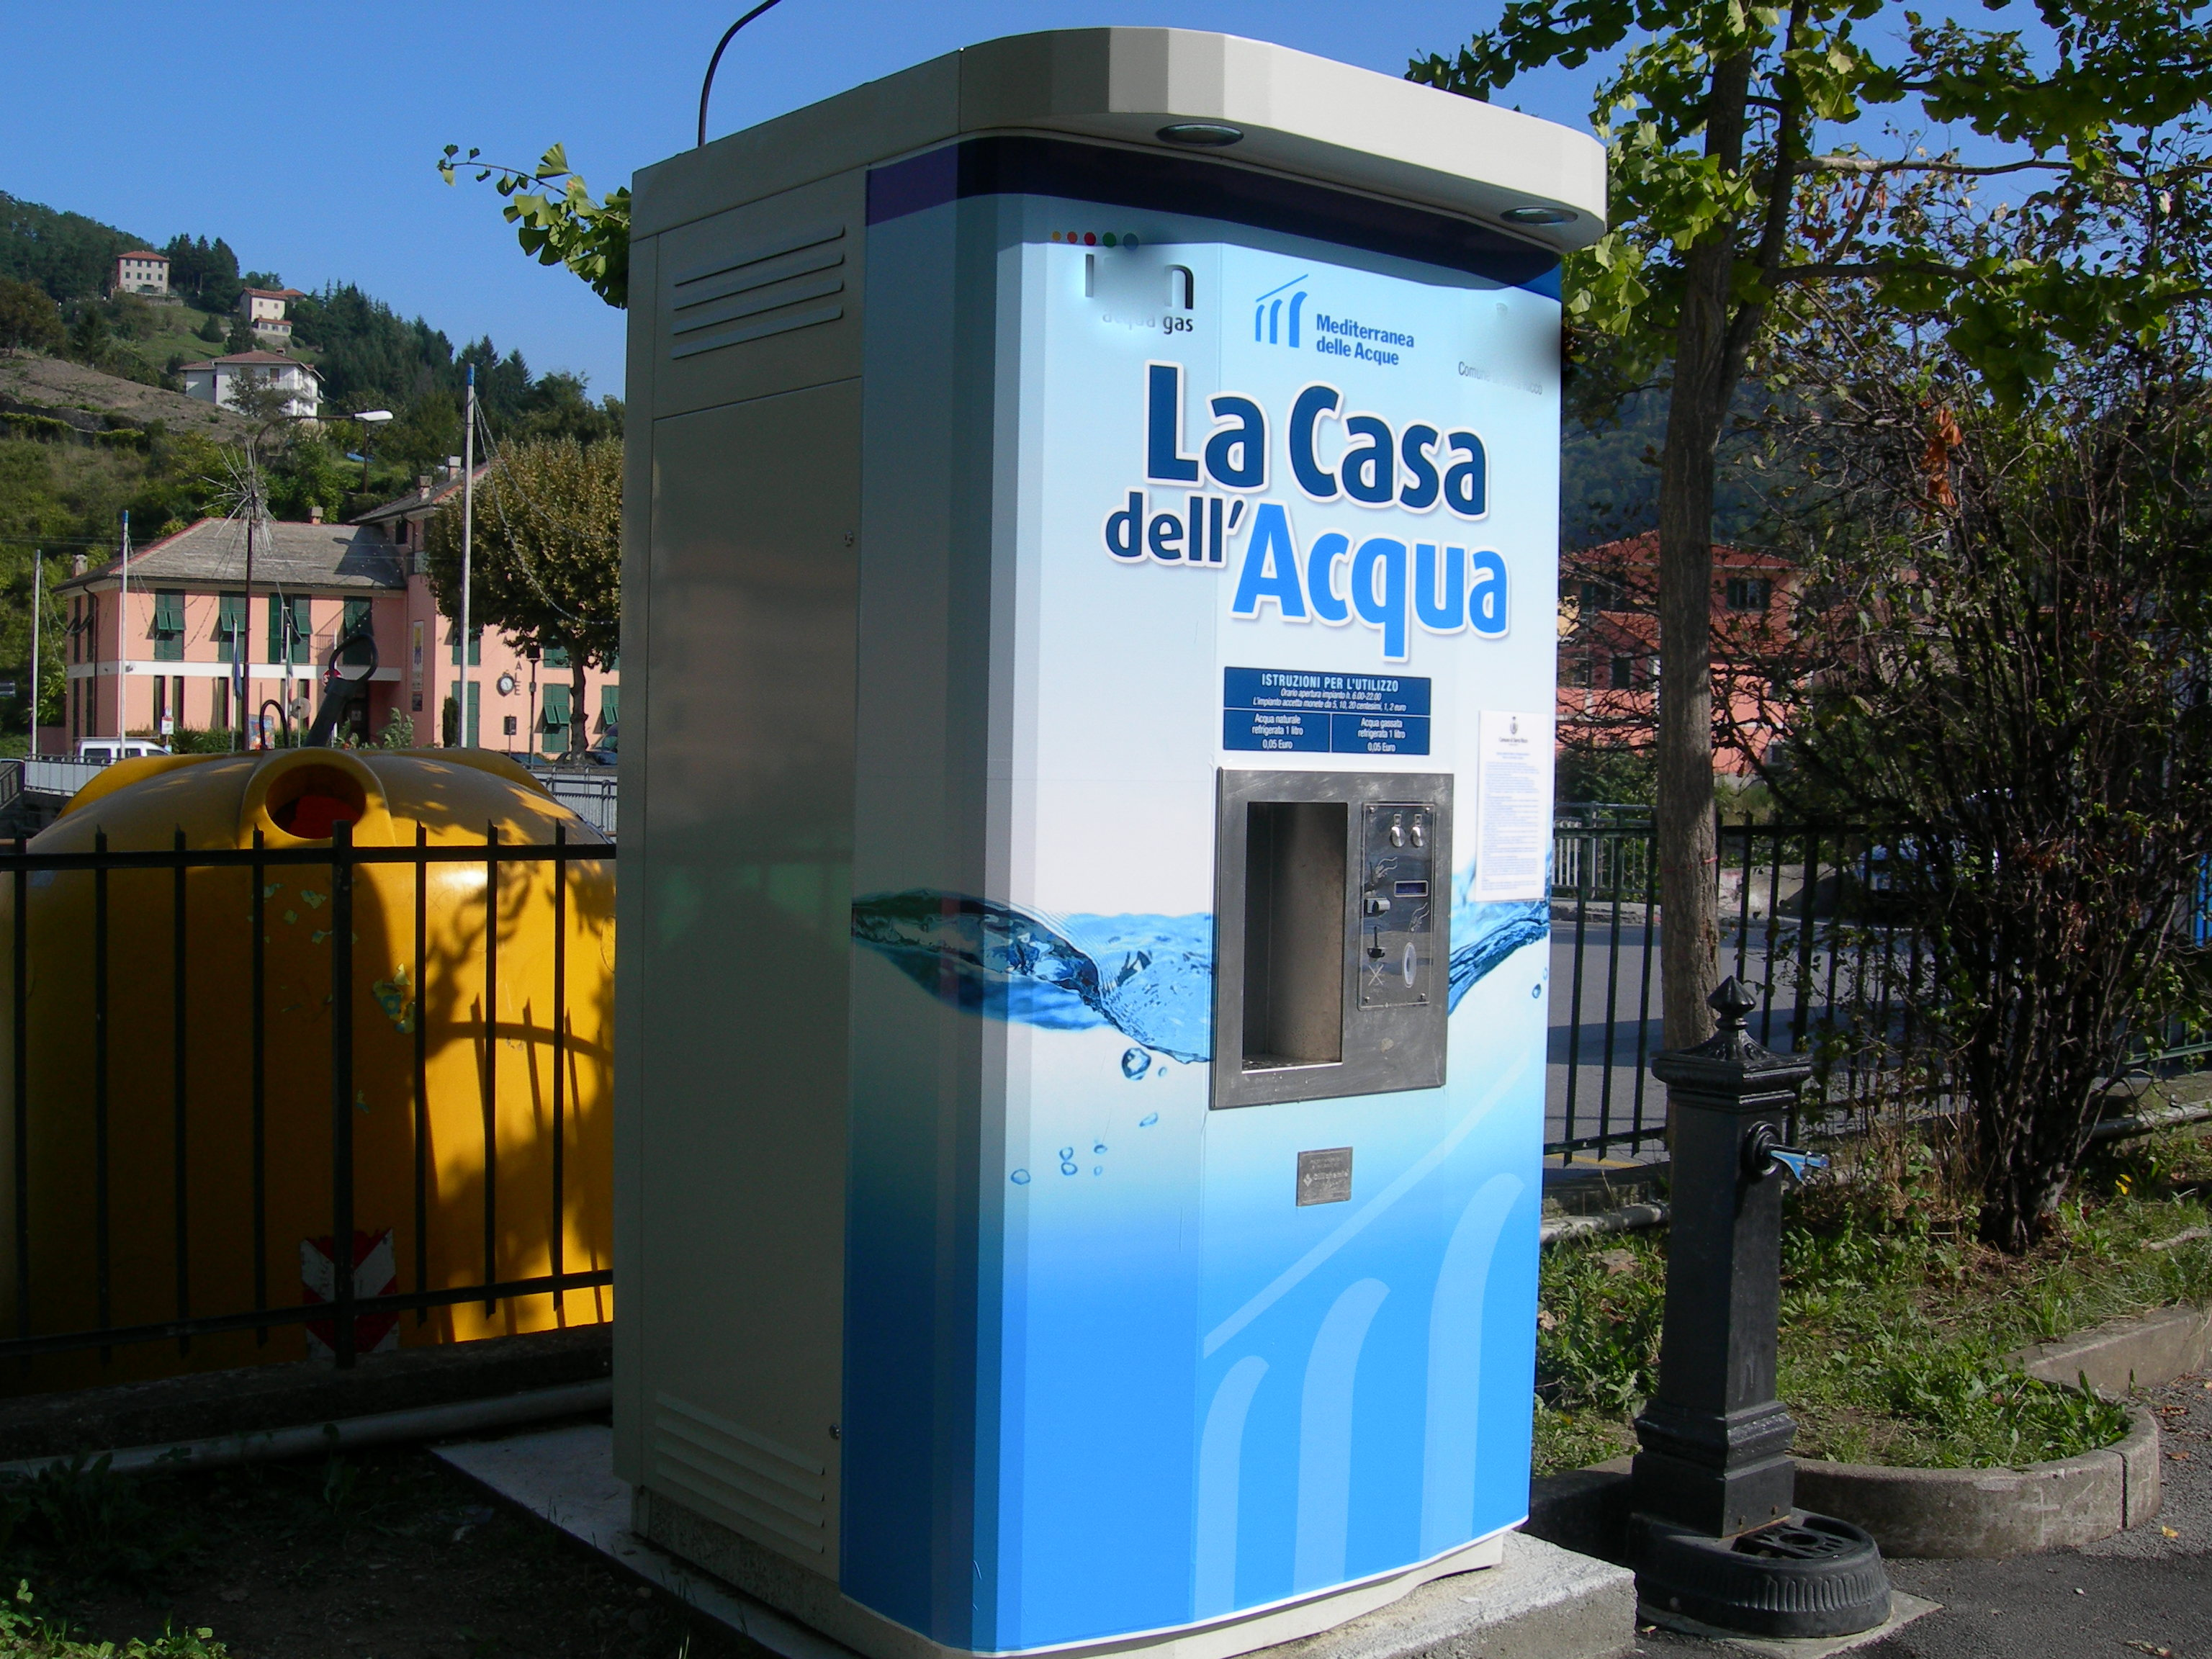 La casa dell 39 acqua a breve sar installata a vietri di - Depurare l acqua di casa ...